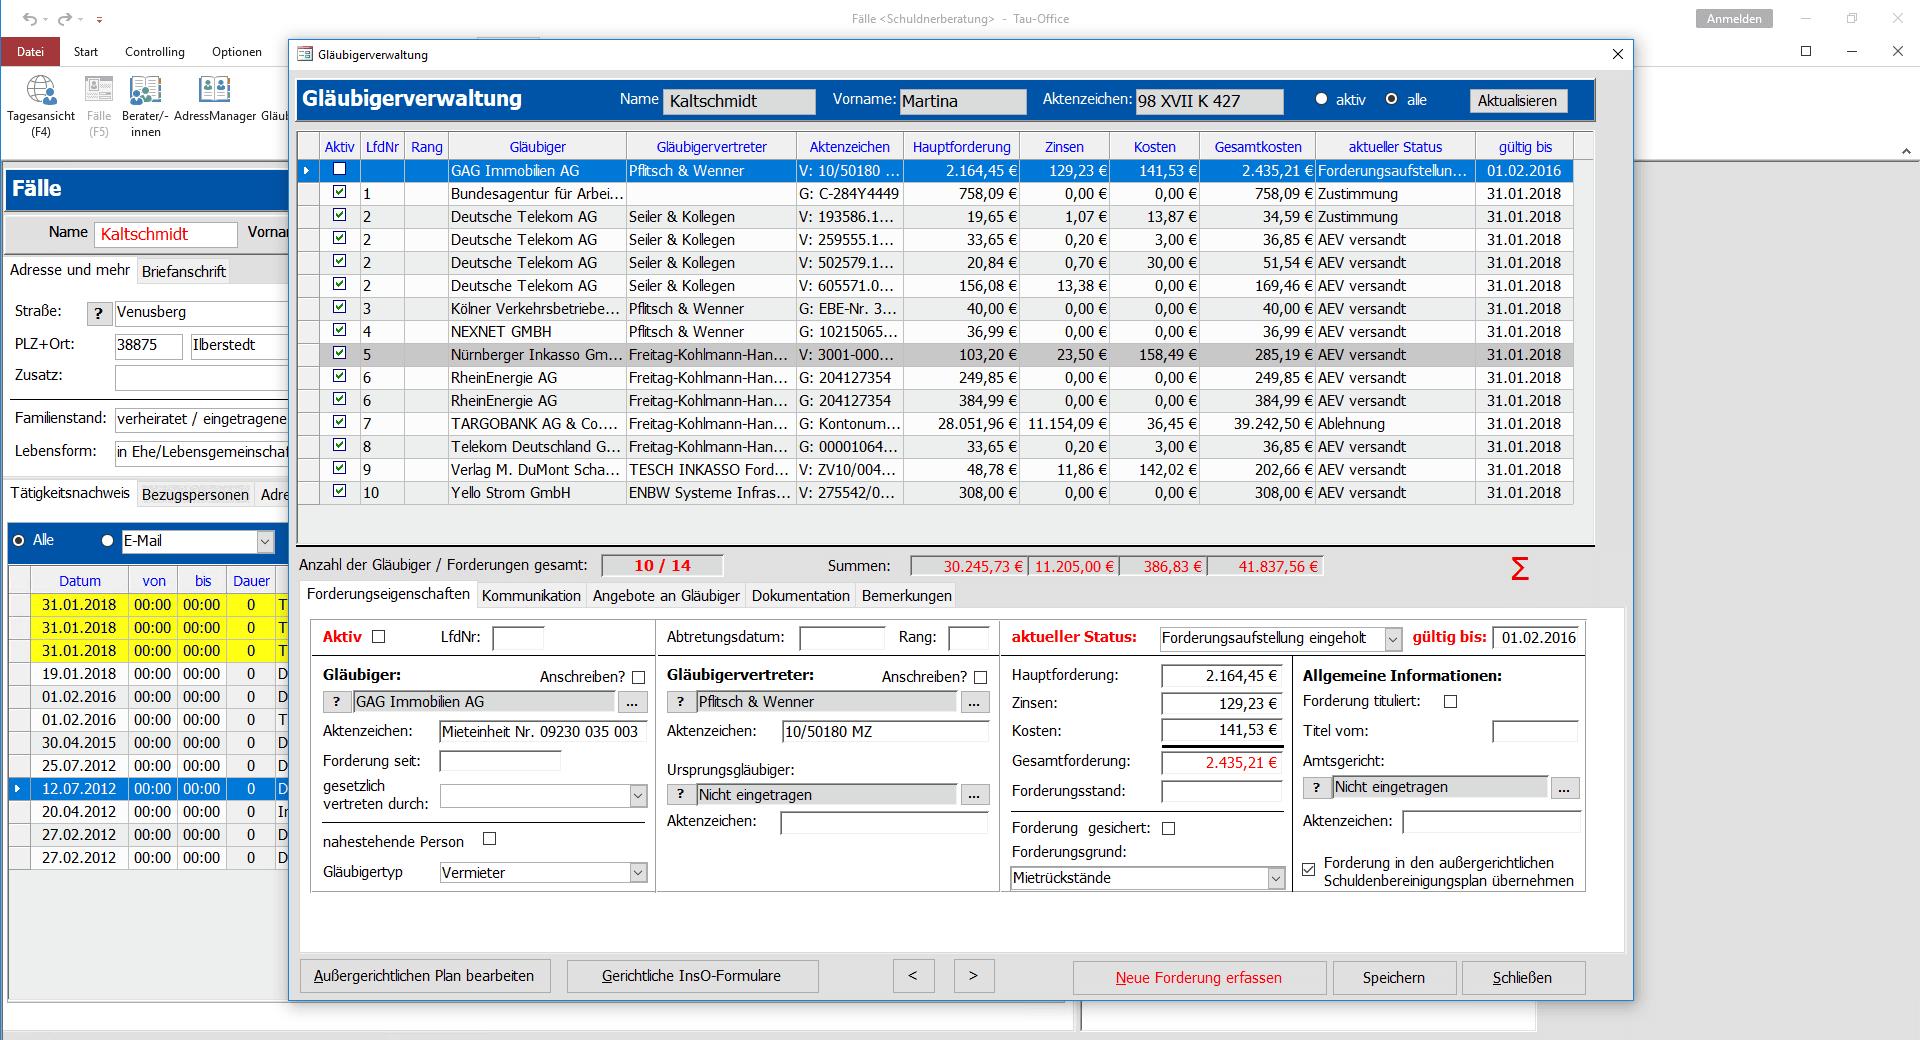 Software Für Die Schuldnerberatung Einfach Ganzheitlich Und